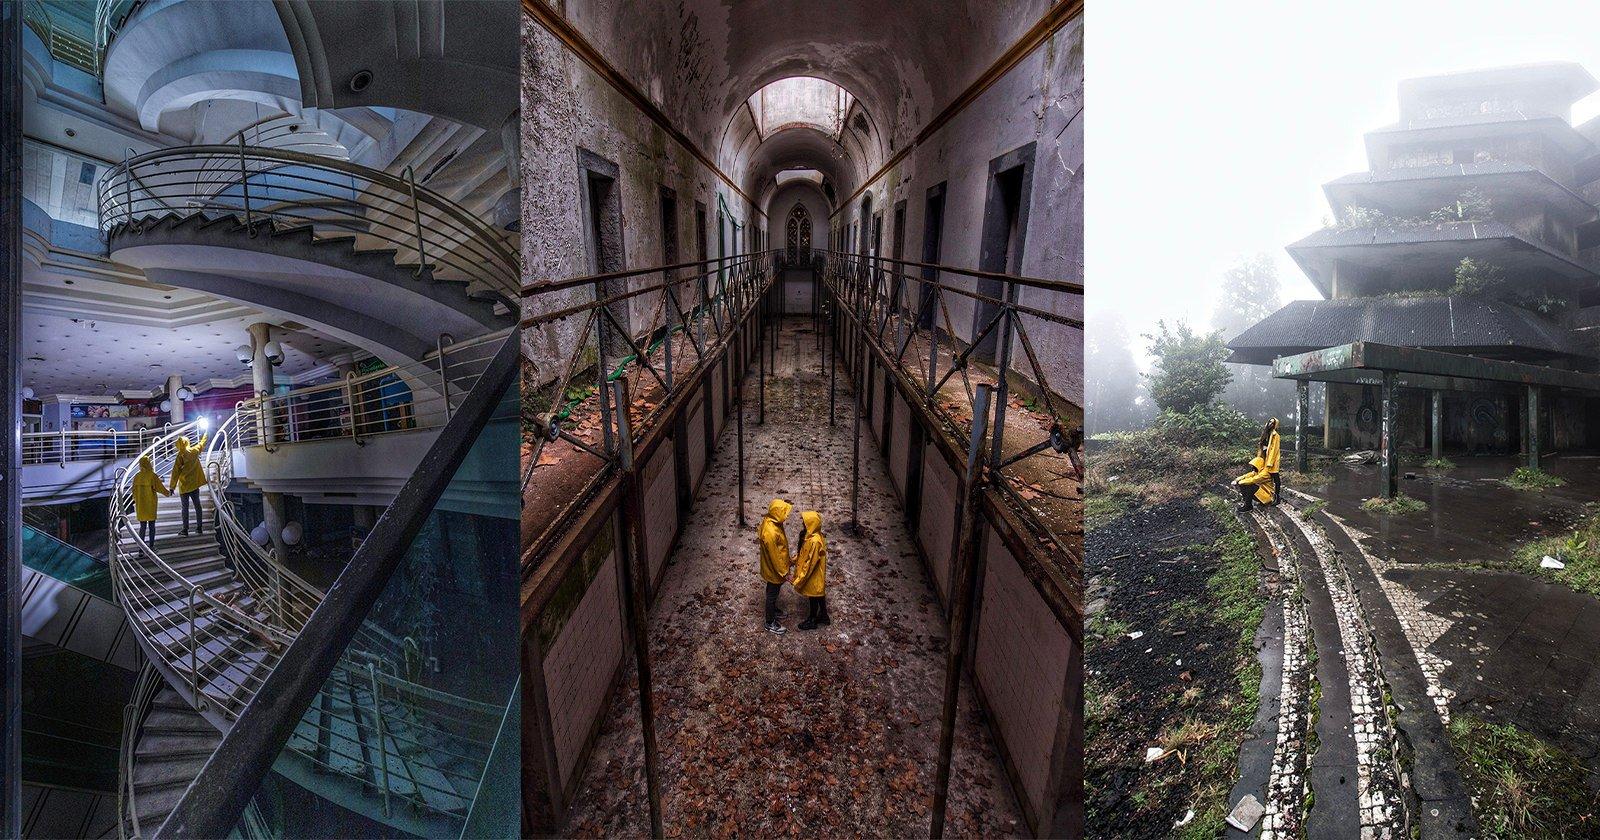 Contrasti di coppia Spazi abbandonati e cappotti colorati in foto surreali